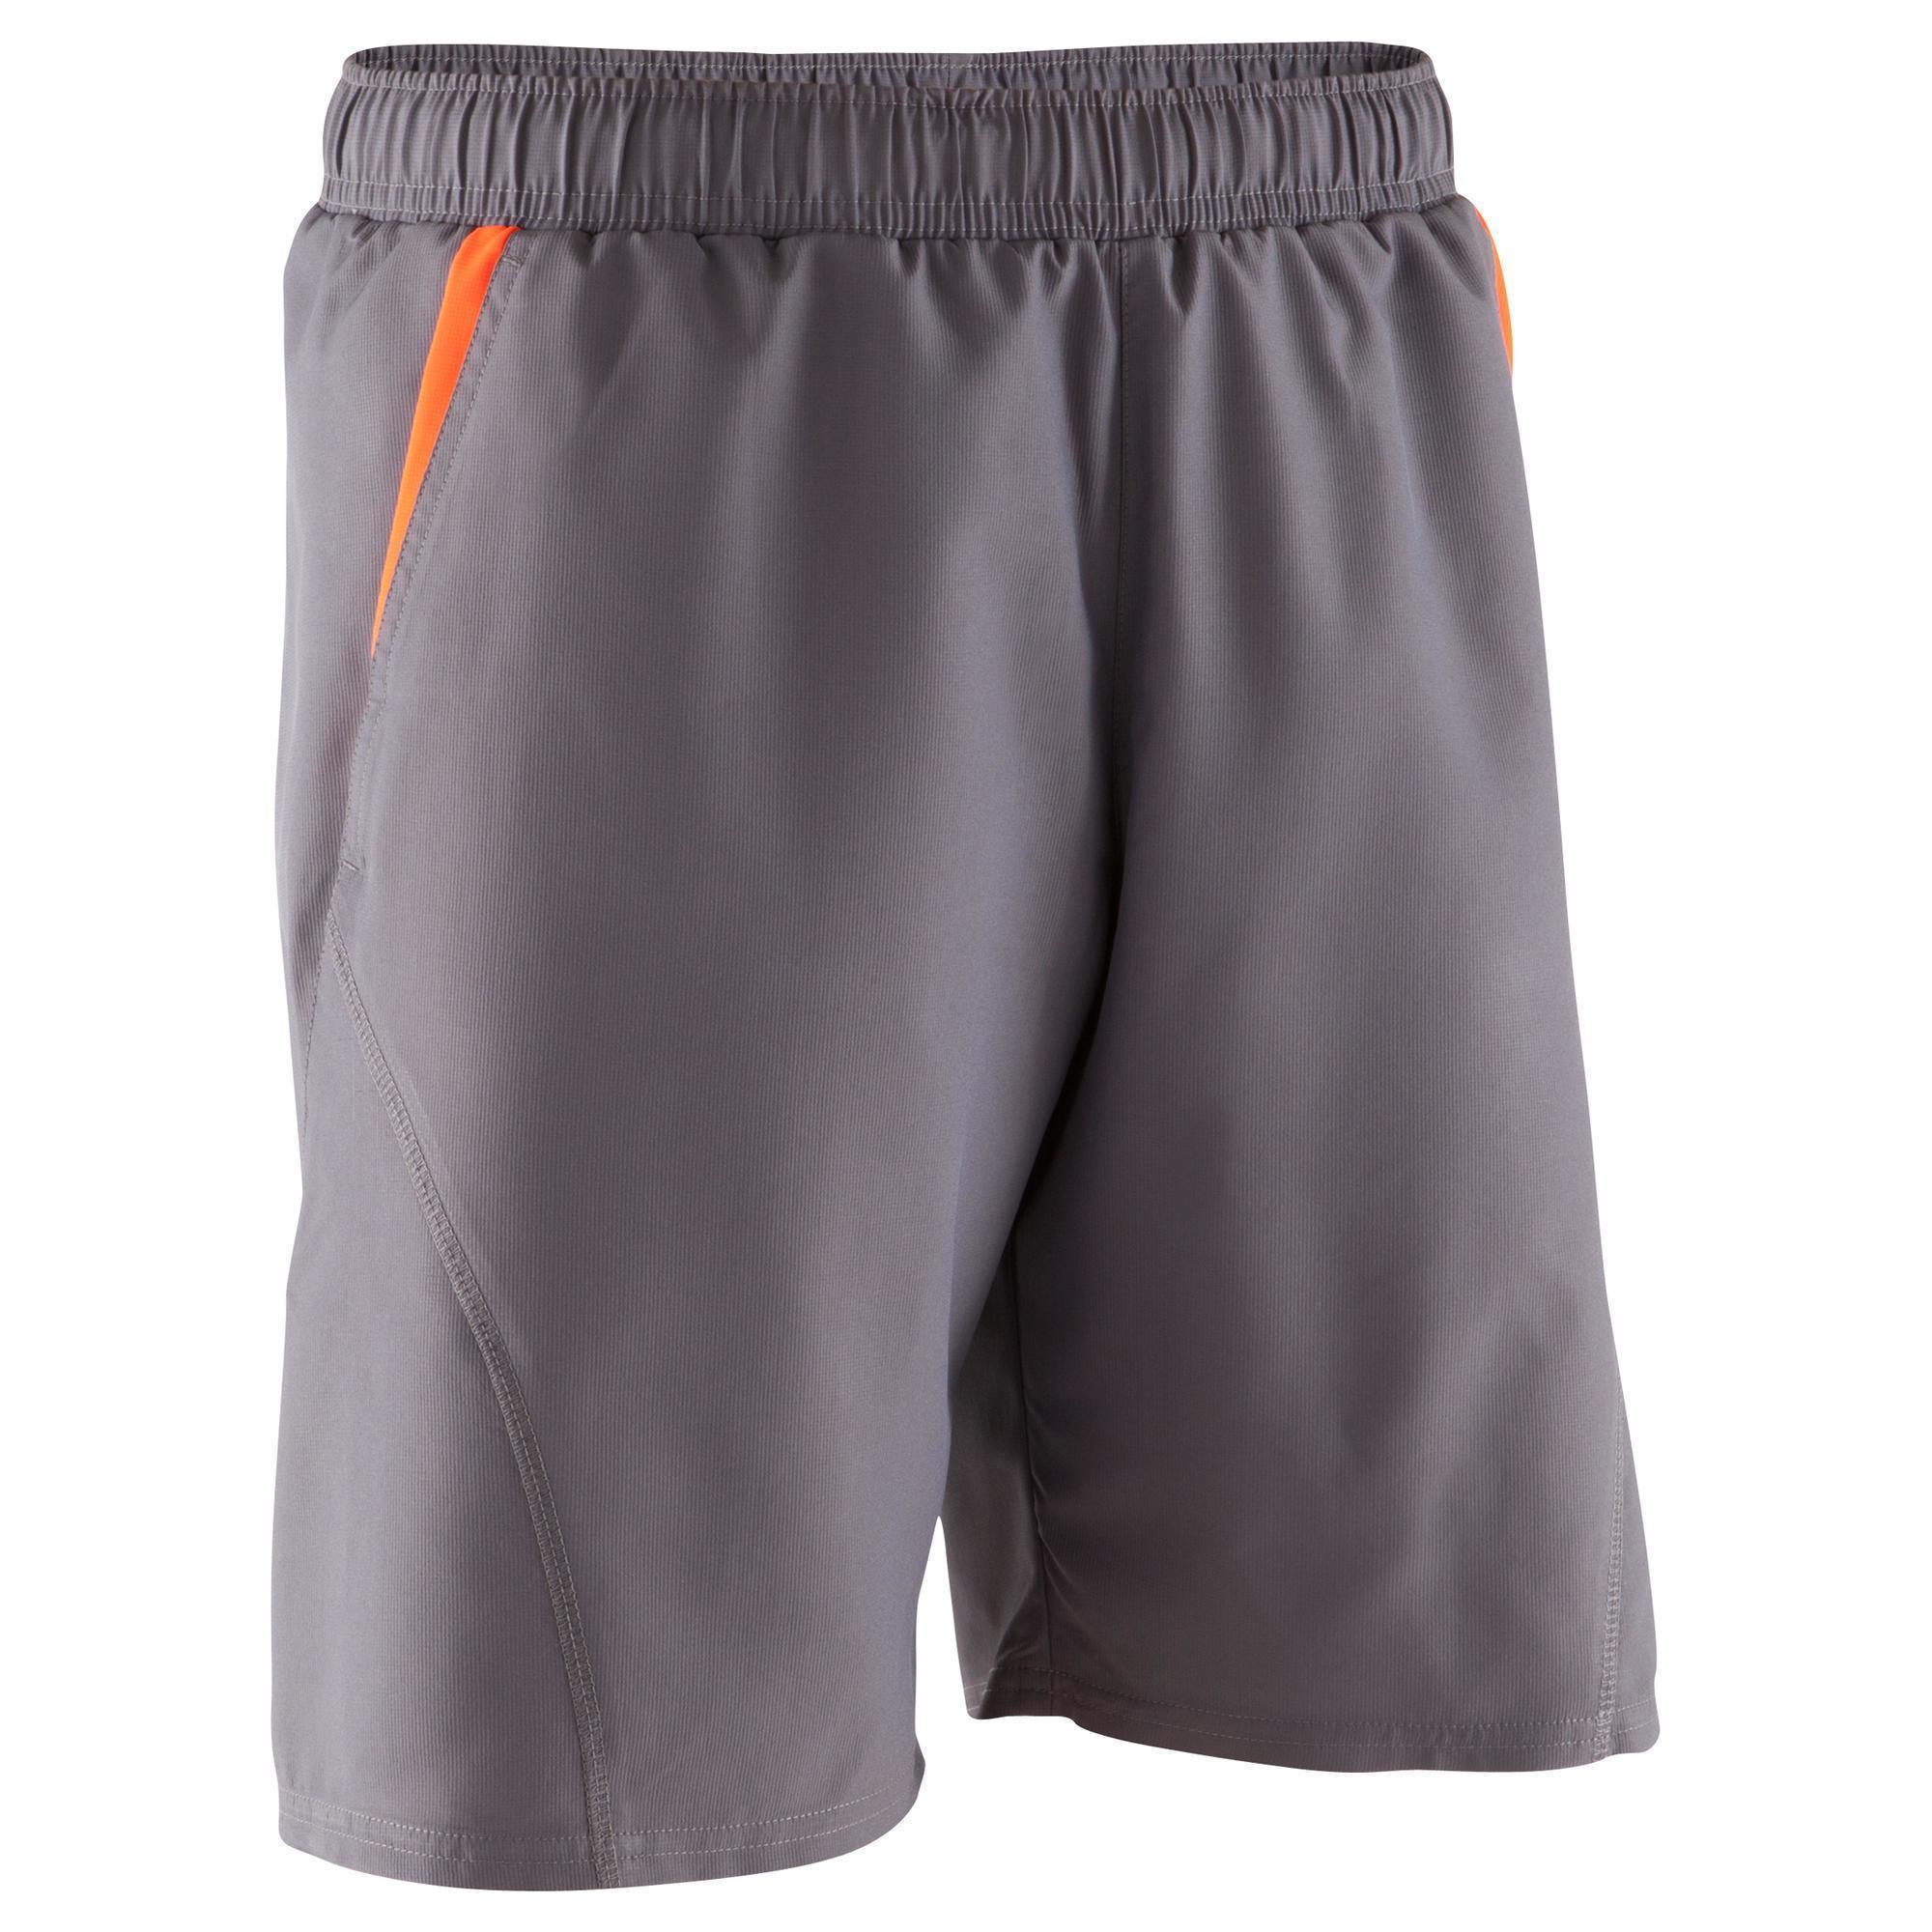 ineguagliabile come ordinare più nuovo di vendita caldo Abbigliamento uomo - Pantaloncini fitness uomo LIGHT BREATHE grigi